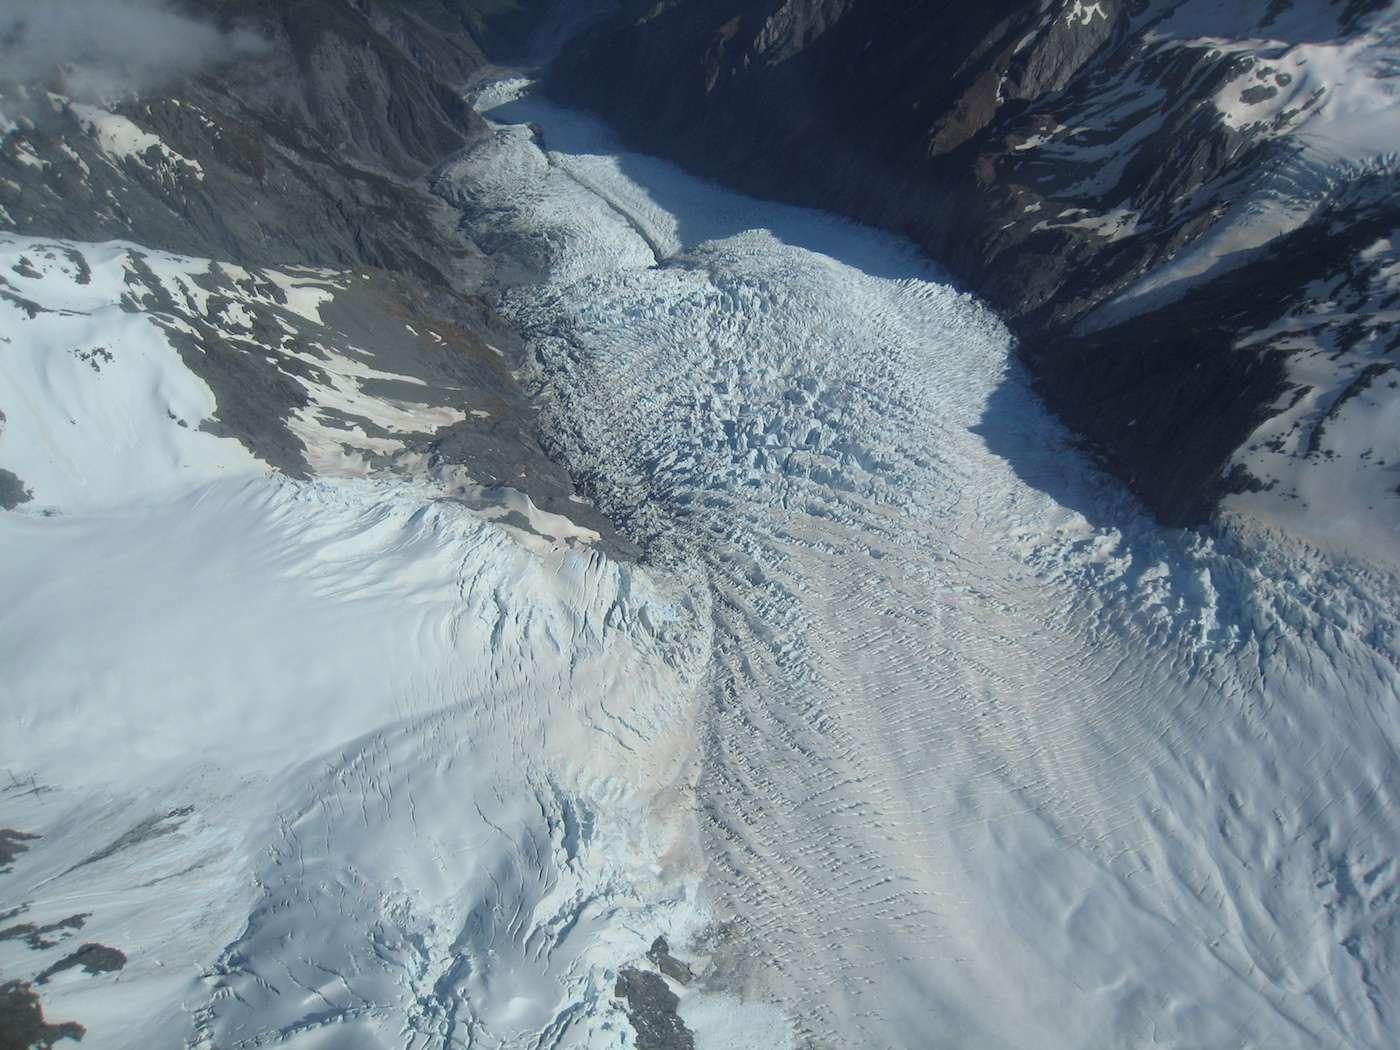 Vue aérienne du glacier Franz Josef qui s'étend sur environ 10 km et glisse à une vitesse pouvant atteindre 2 m/j sur un substrat rocheux composé de schistes métamorphiques. Ces schistes contiennent les matériaux graphitiques utilisés pour tracer la provenance des particules sédimentaires dans le ruisseau sous-glaciaire. © Avenue, Wikimedia Commons, CC BY-SA 3.0